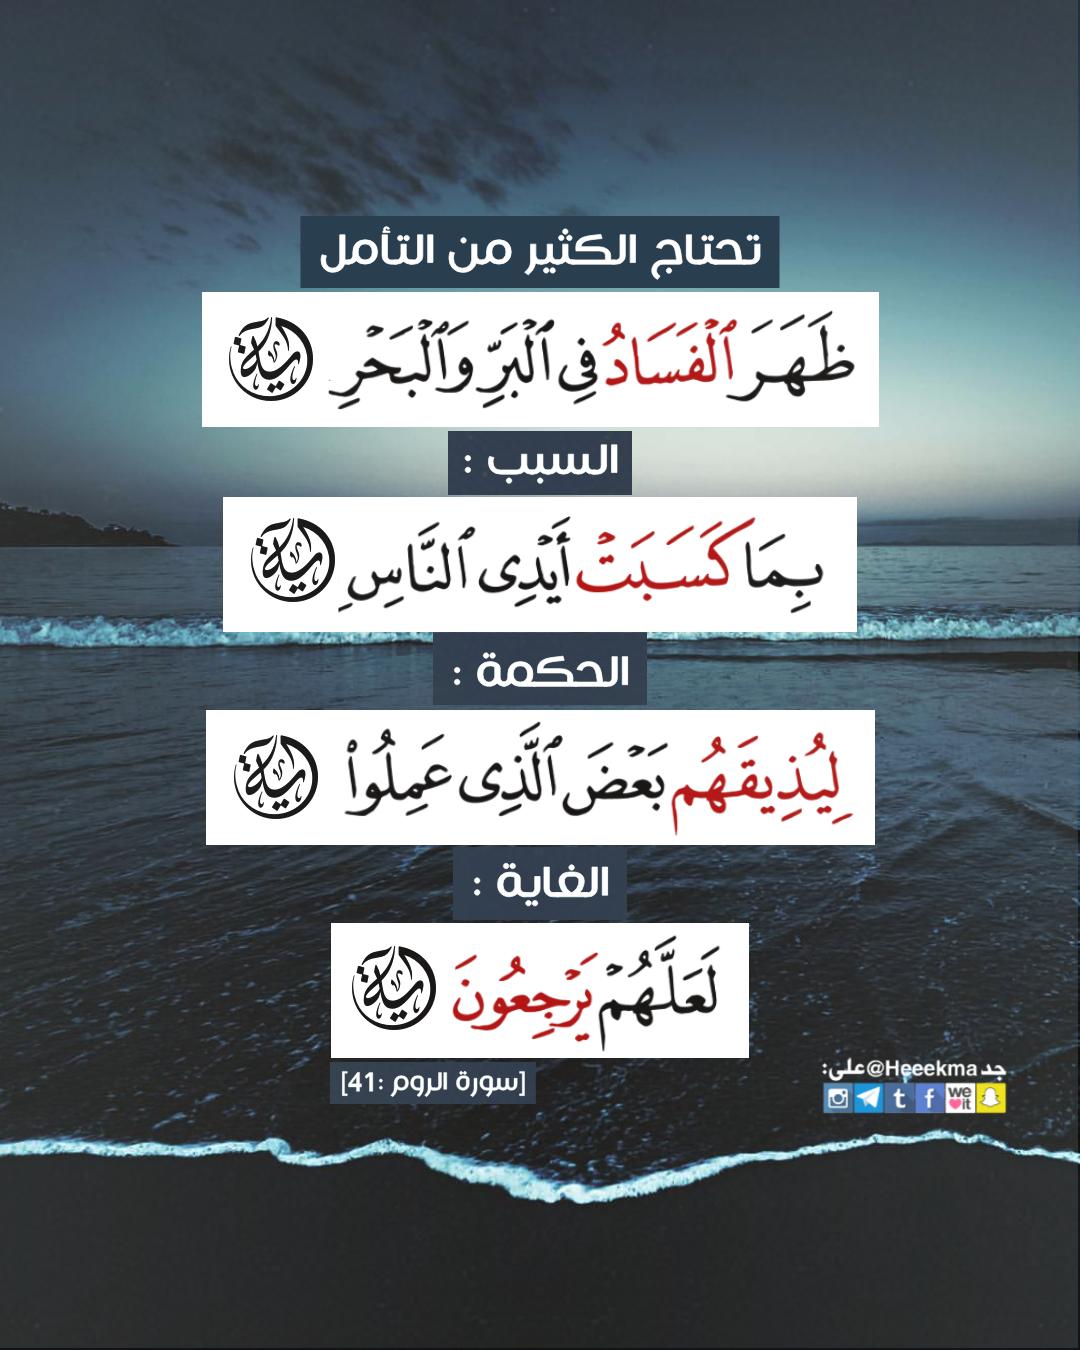 تحتاج الكثير من التأمل ظهر الفساد في البر والبحر السبب بما كس بت أيدي الناس الحكمة لي ذيقهم بعض الذي ع م ل Quran Verses Islamic Quotes Quran Quran Quotes